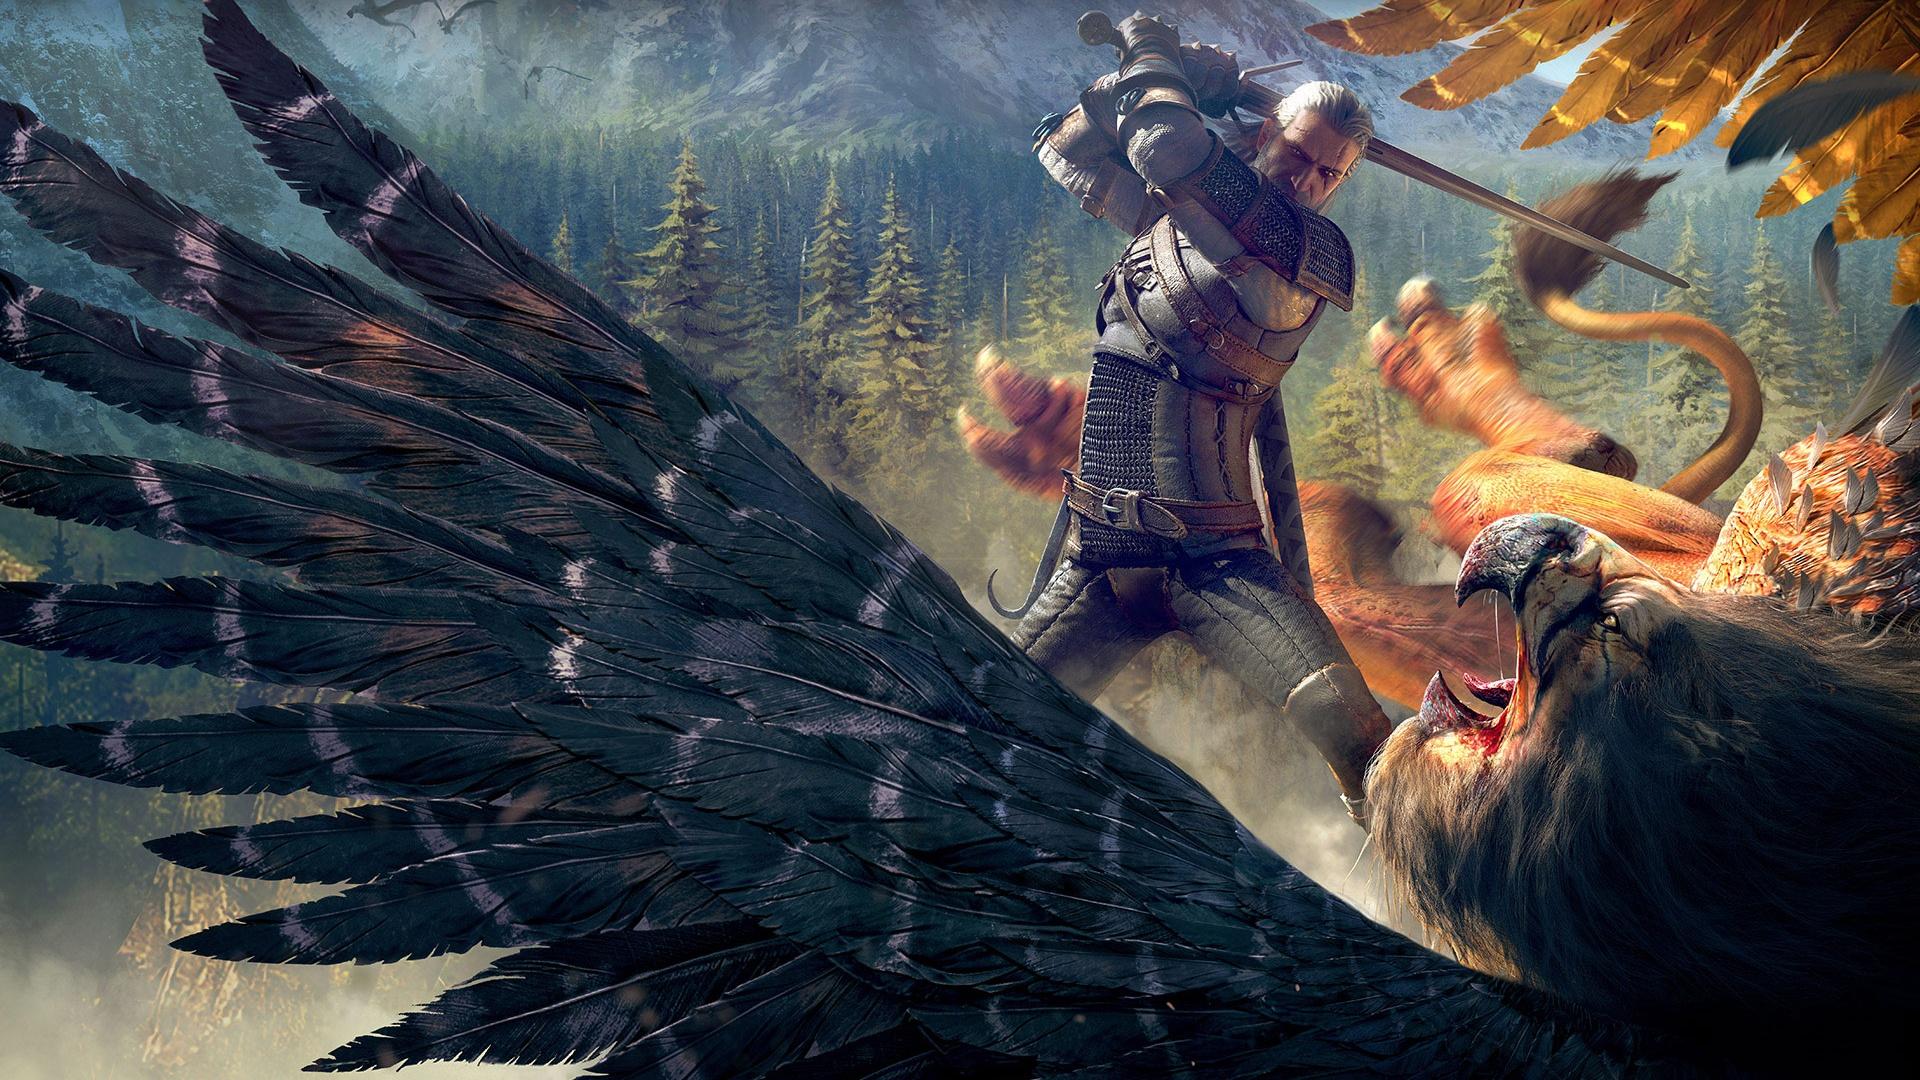 Fondos de pantalla de The Witcher 3 wallpaper tamao 1920x1080 1920x1080